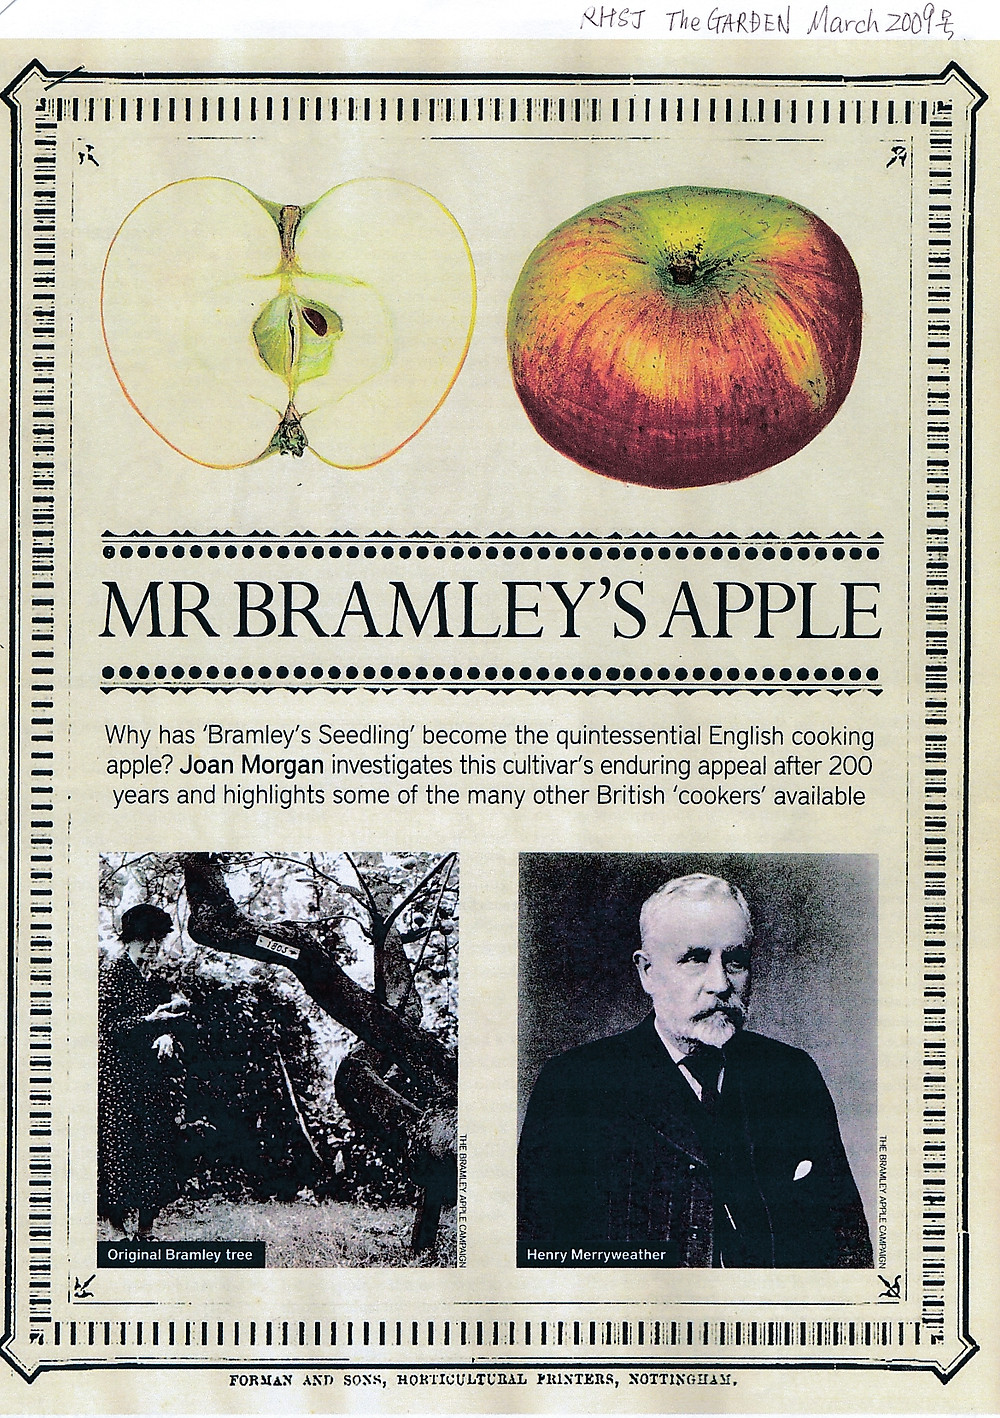 右がセリアさんの曽祖父、メリーウエザー氏 左がブラムリーの樹齢200年になる原木